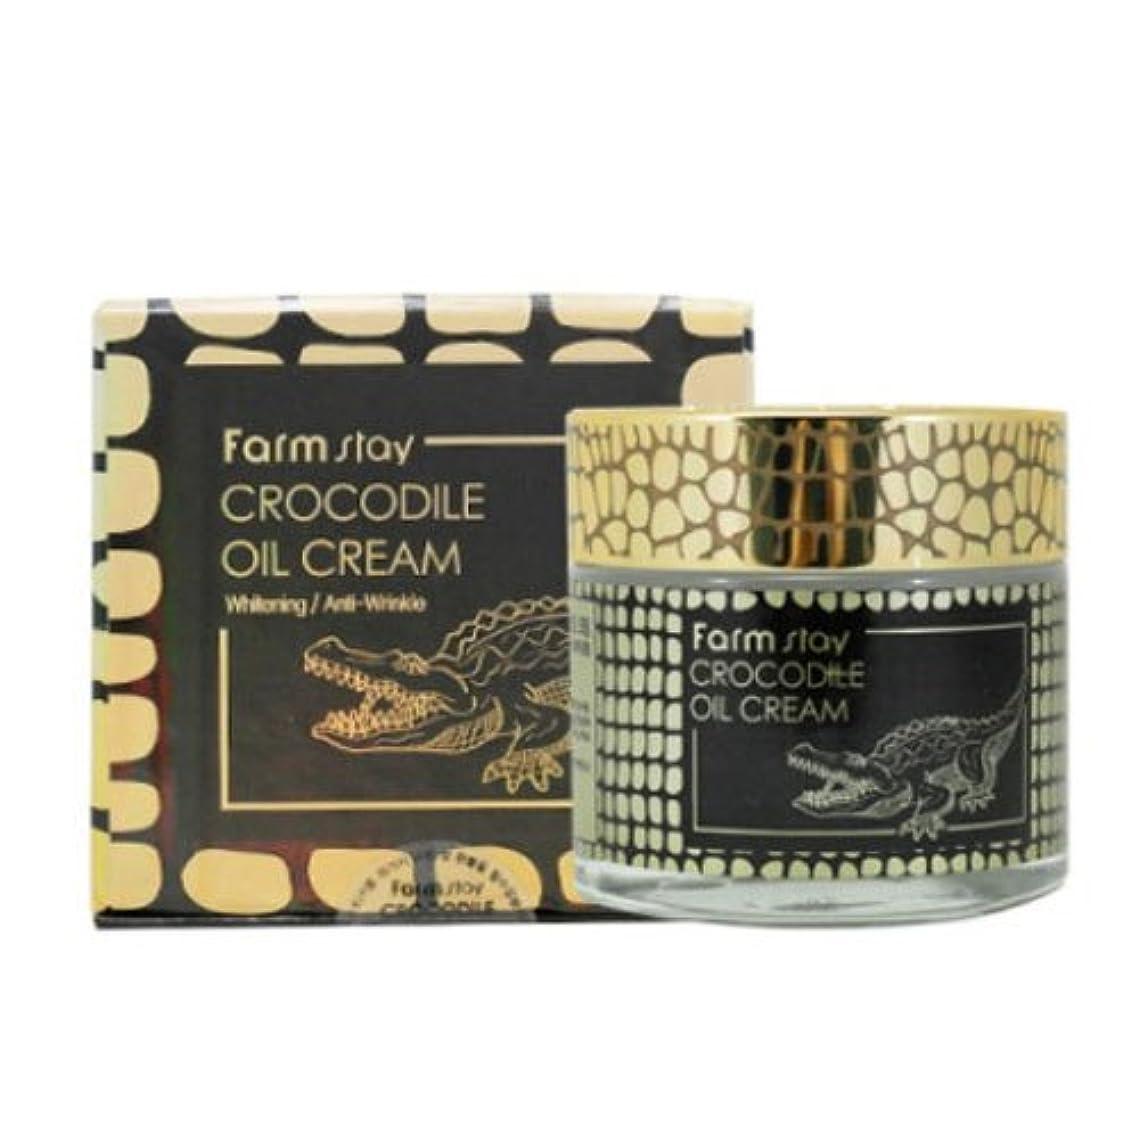 絵降ろす乗算ファームステイ[韓国コスメFarm Stay]Crocodile Oil Cream ワニオイルクリーム70g しわ管理 美白[並行輸入品]